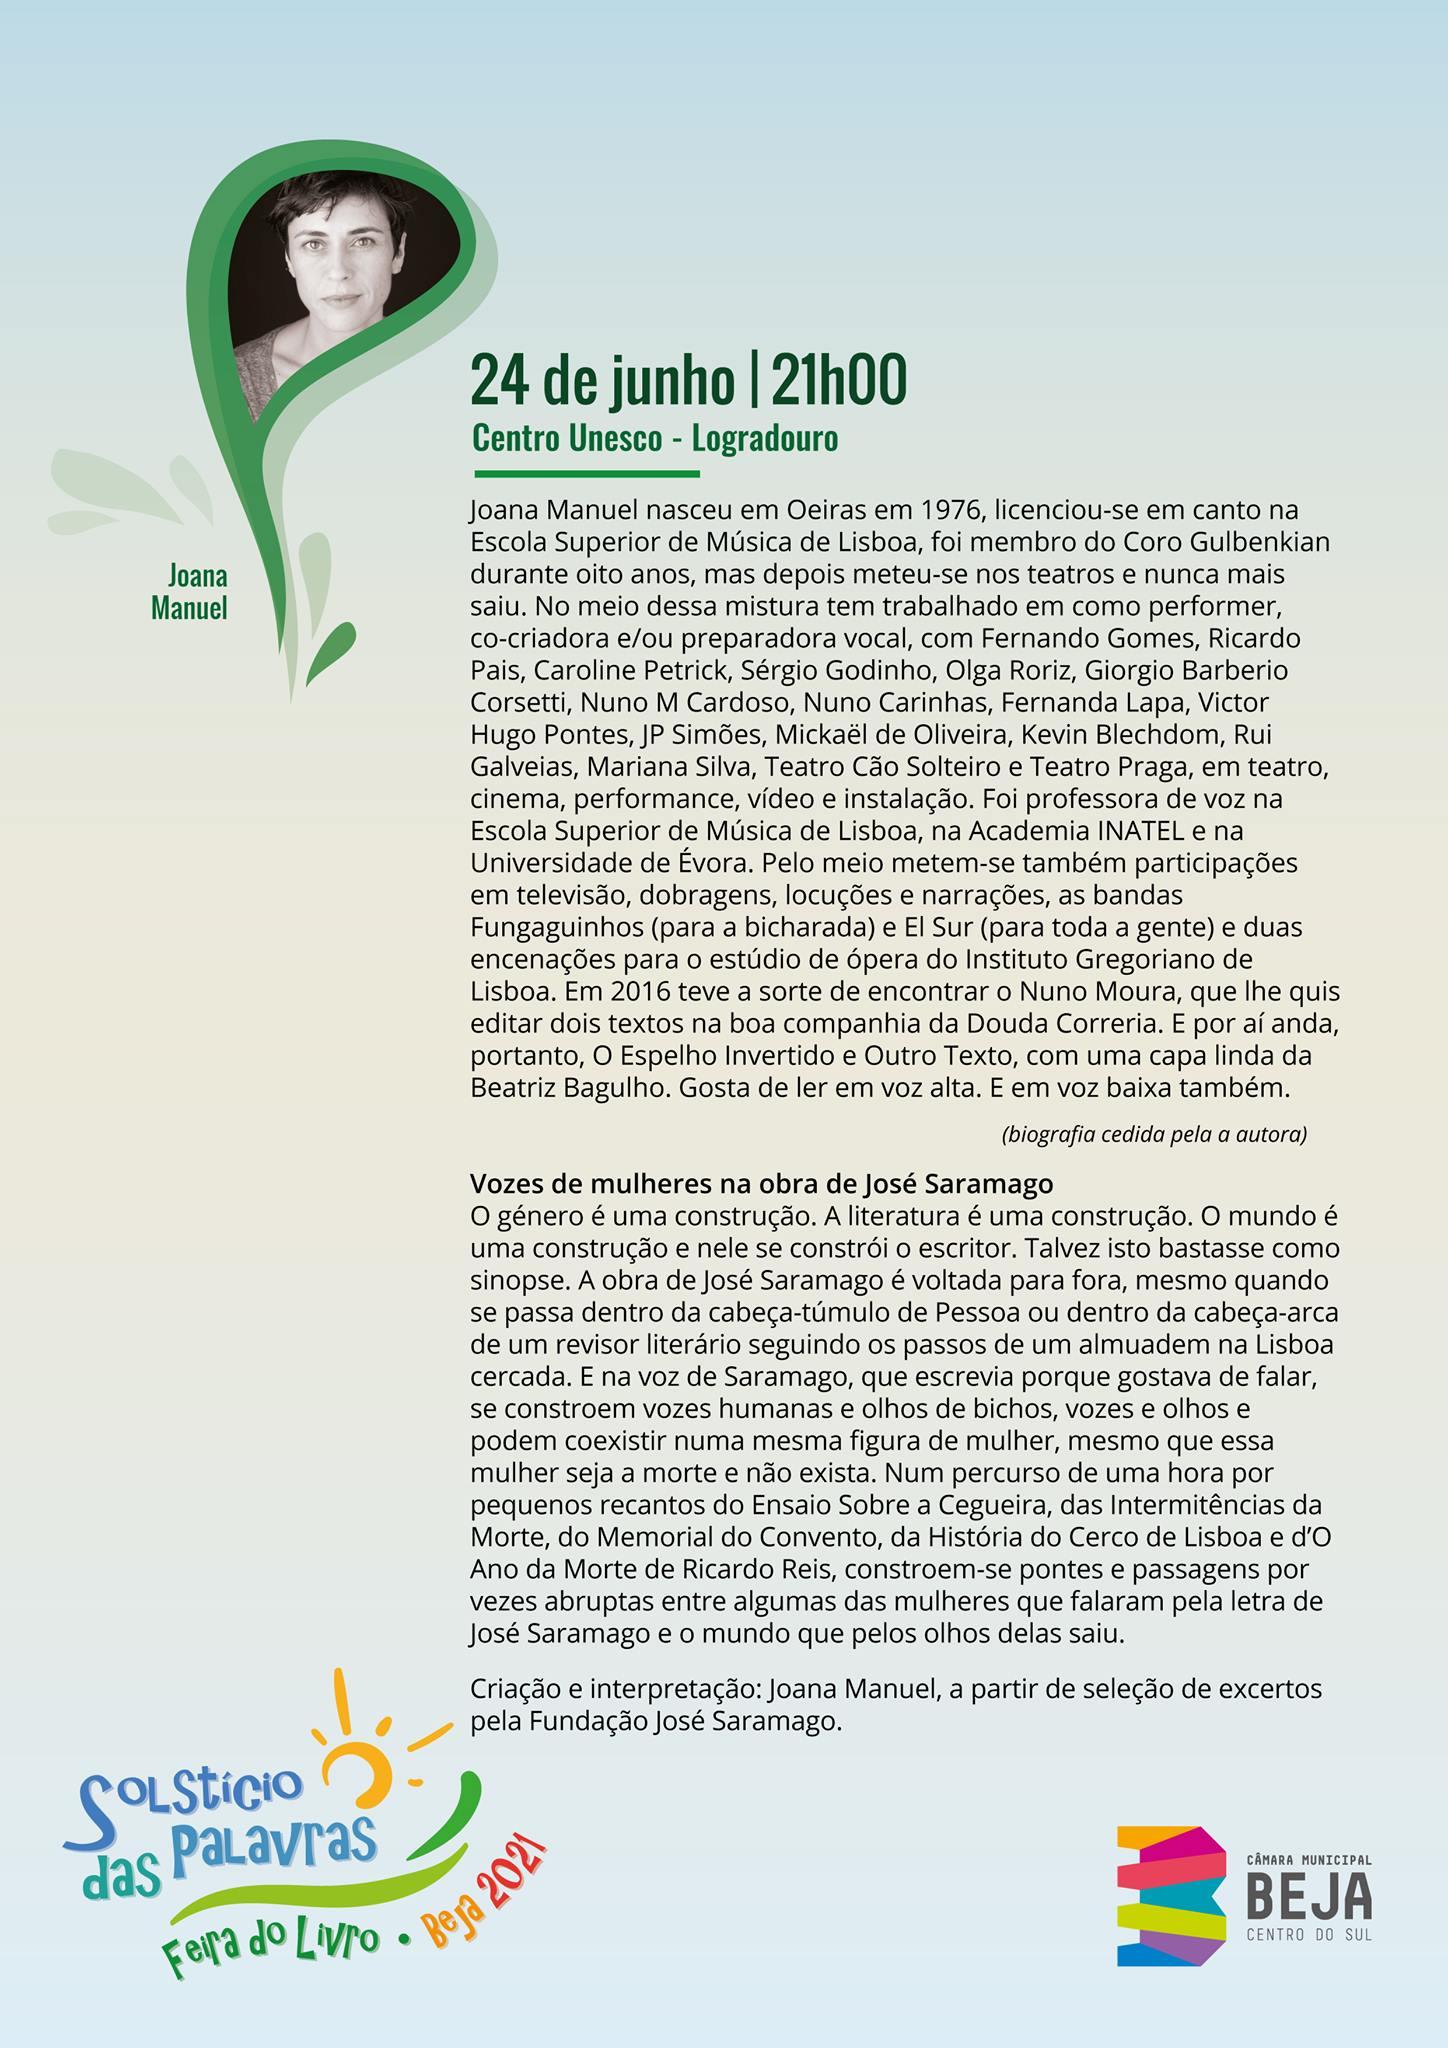 Vozes de Mulheres na obra de José Saramago na Feira do Livro - Solstício das Palavras